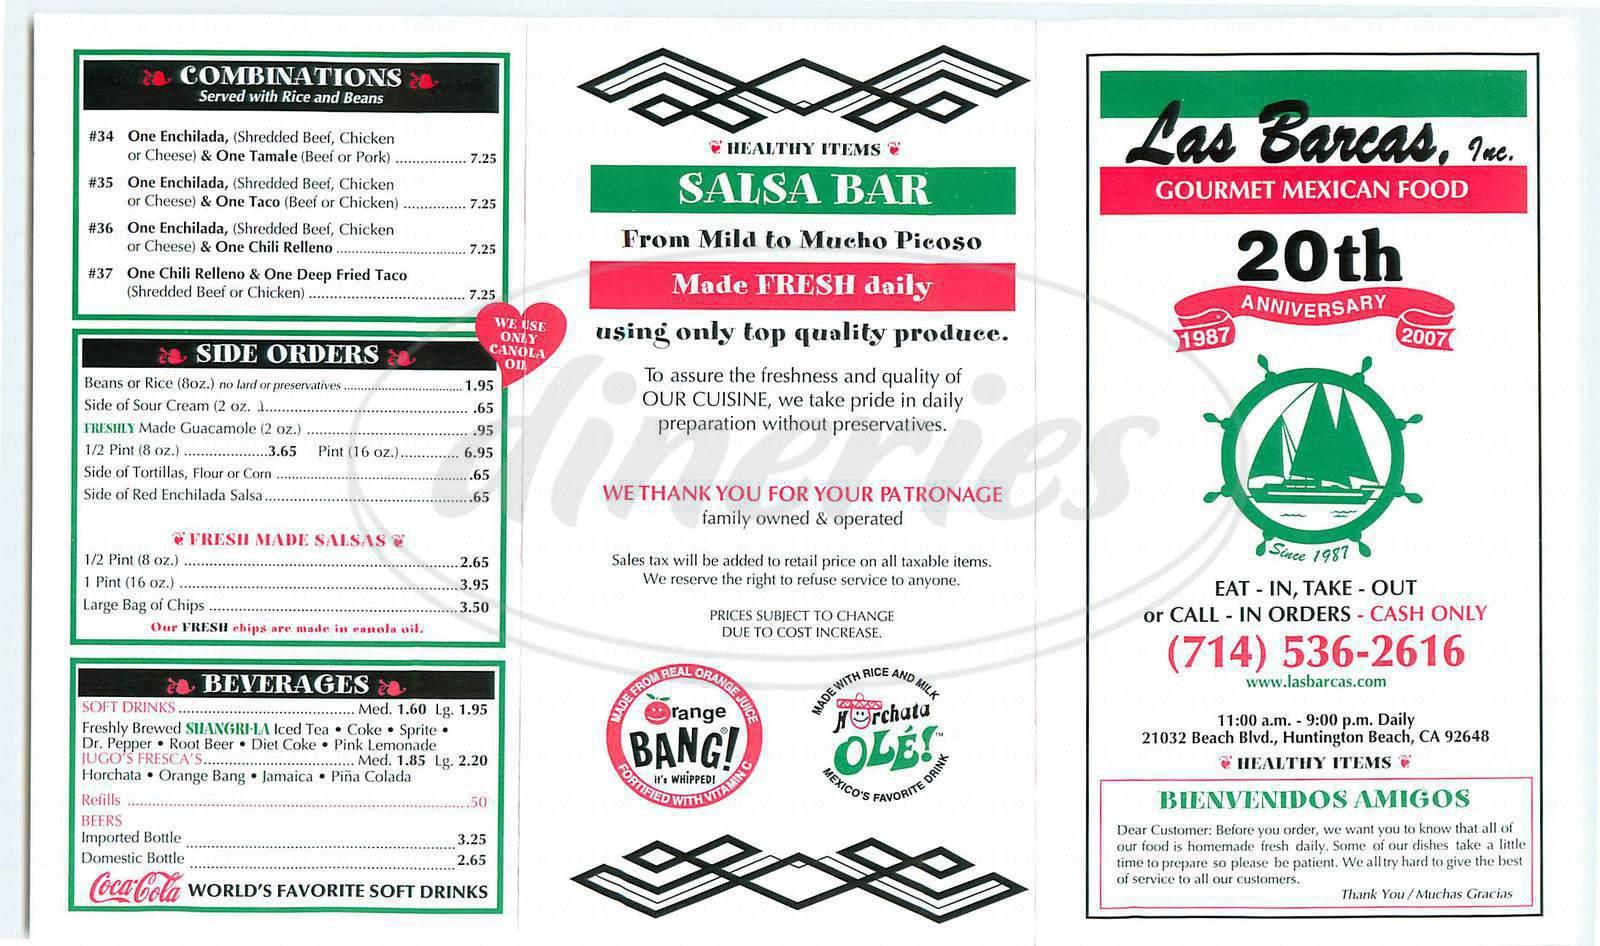 menu for Las Barcas